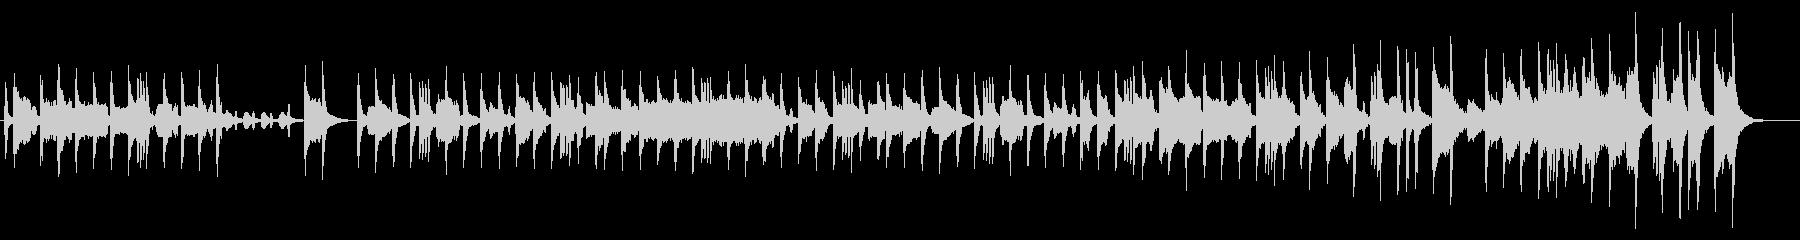 バイオリンとアコーディオンの短調のタンゴの未再生の波形